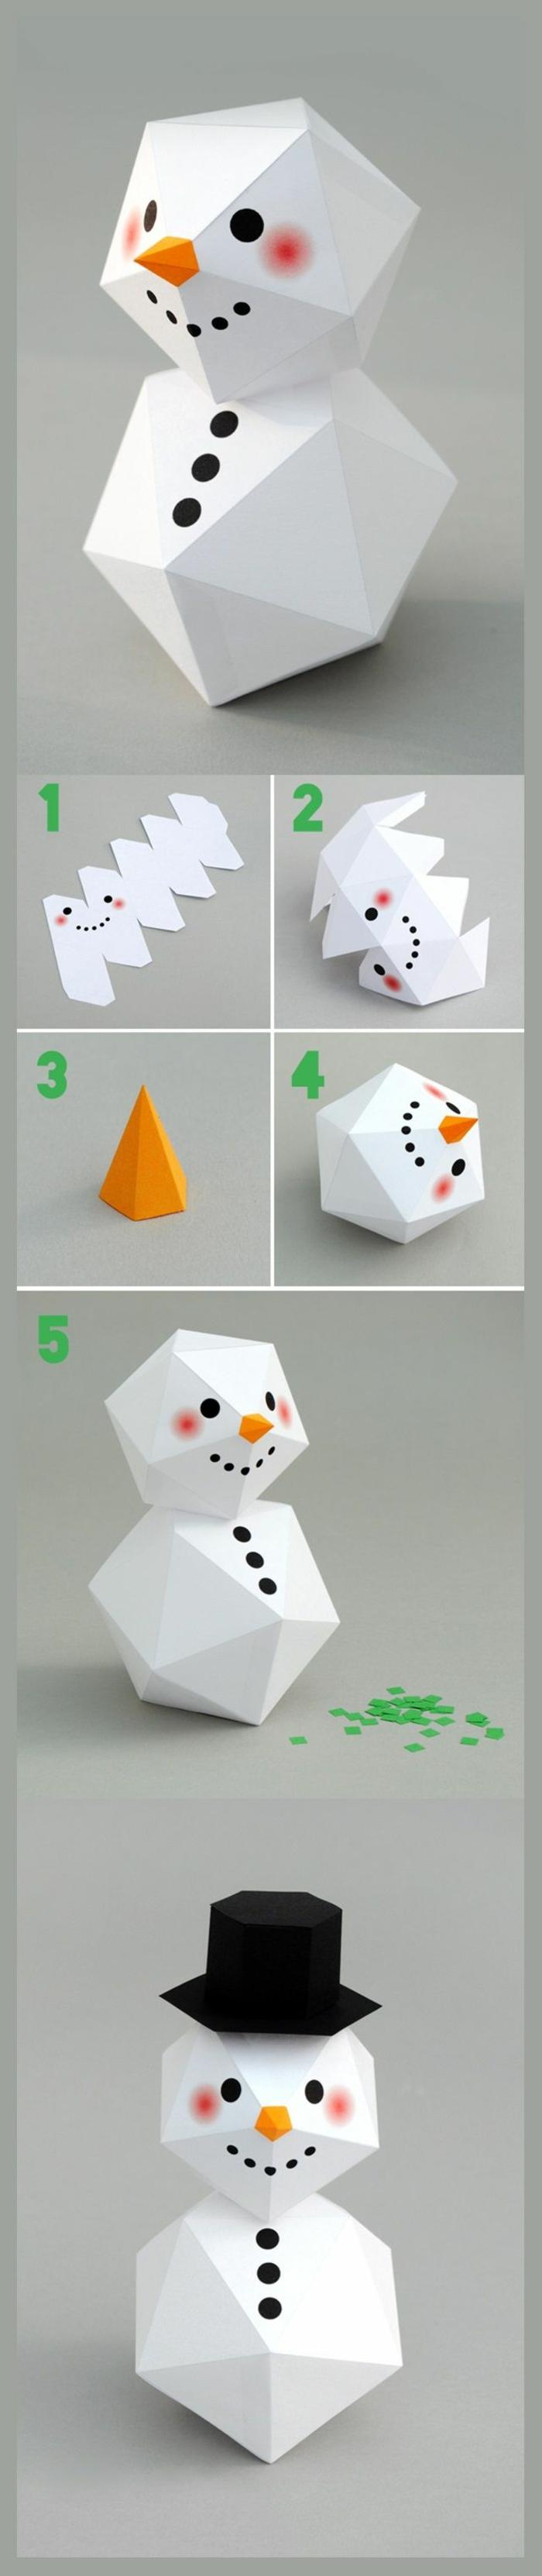 bricolage en papier bonhomme de neige en chaussette